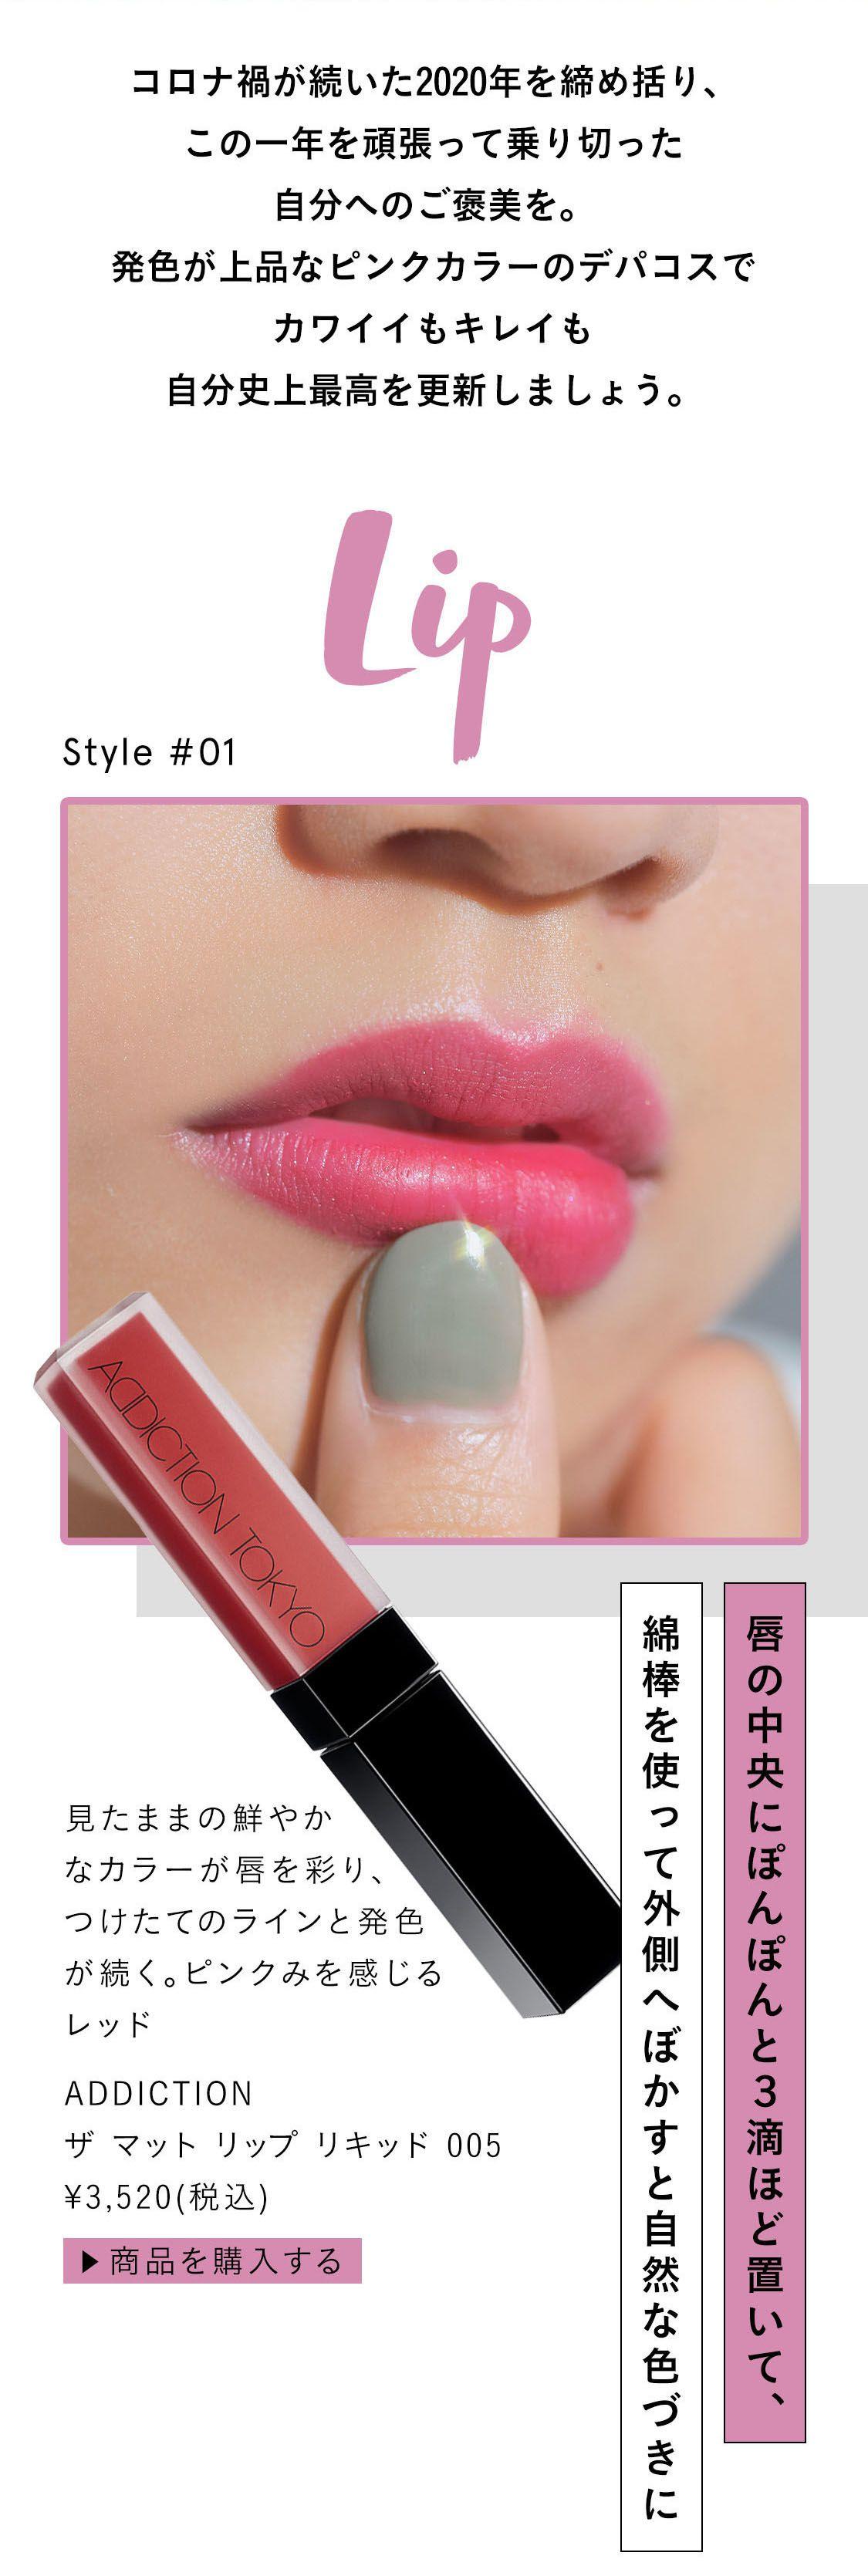 見たままの鮮やかなカラーが唇を彩り、つけたてのラインと発色が続く。 ピンクみを感じるレッド